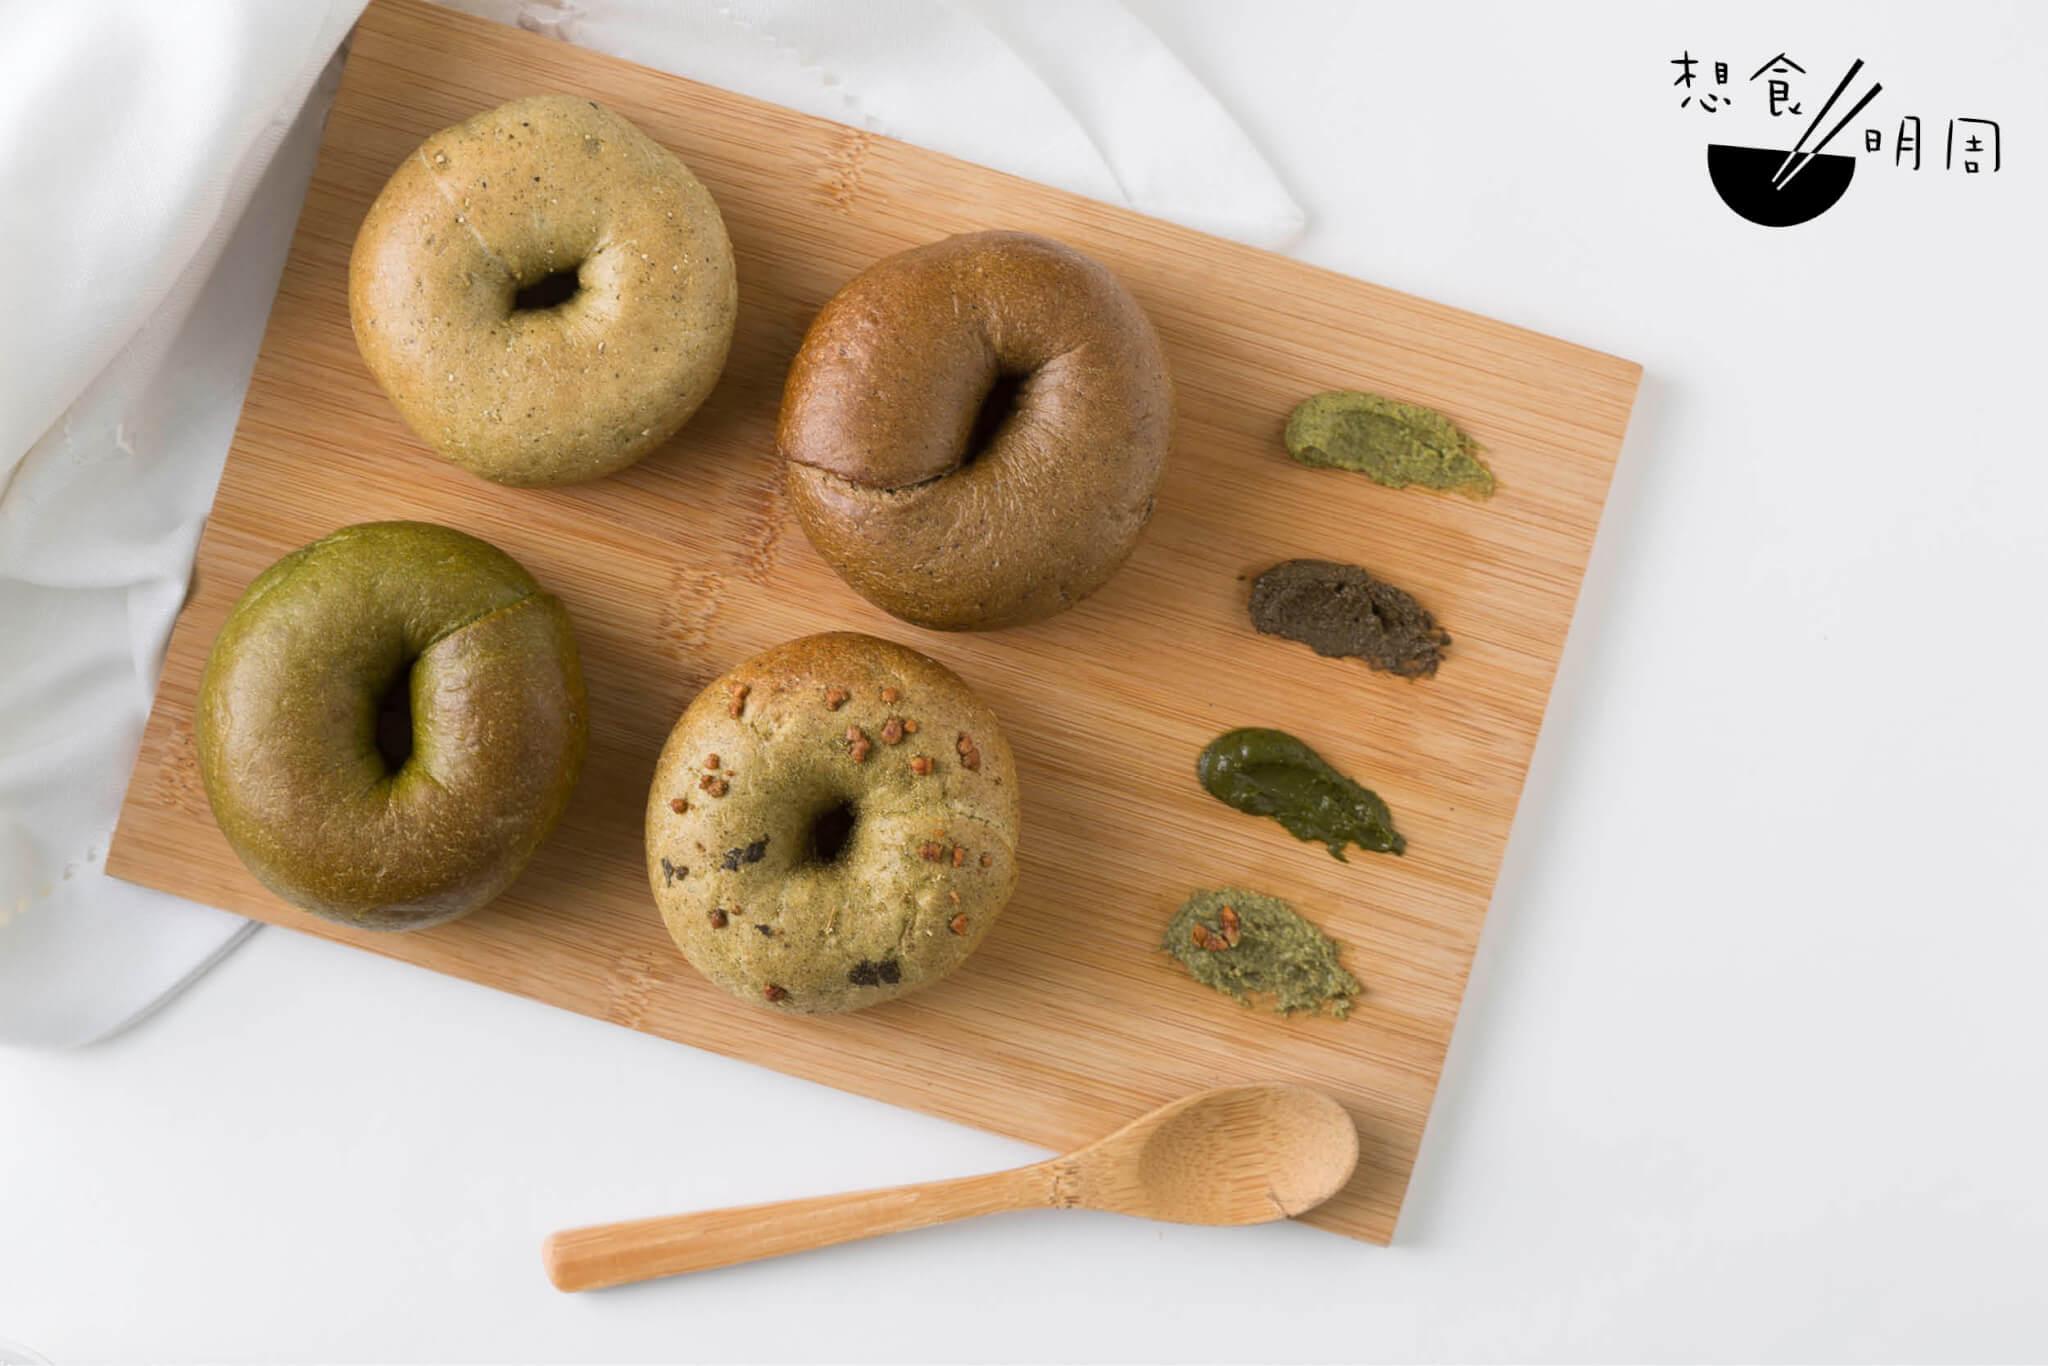 日本茶迷你Bagel組合 // 四包四醬,以抹茶、玄米茶、焙茶、棒茶組成。(@monsoon.bagel,$98)